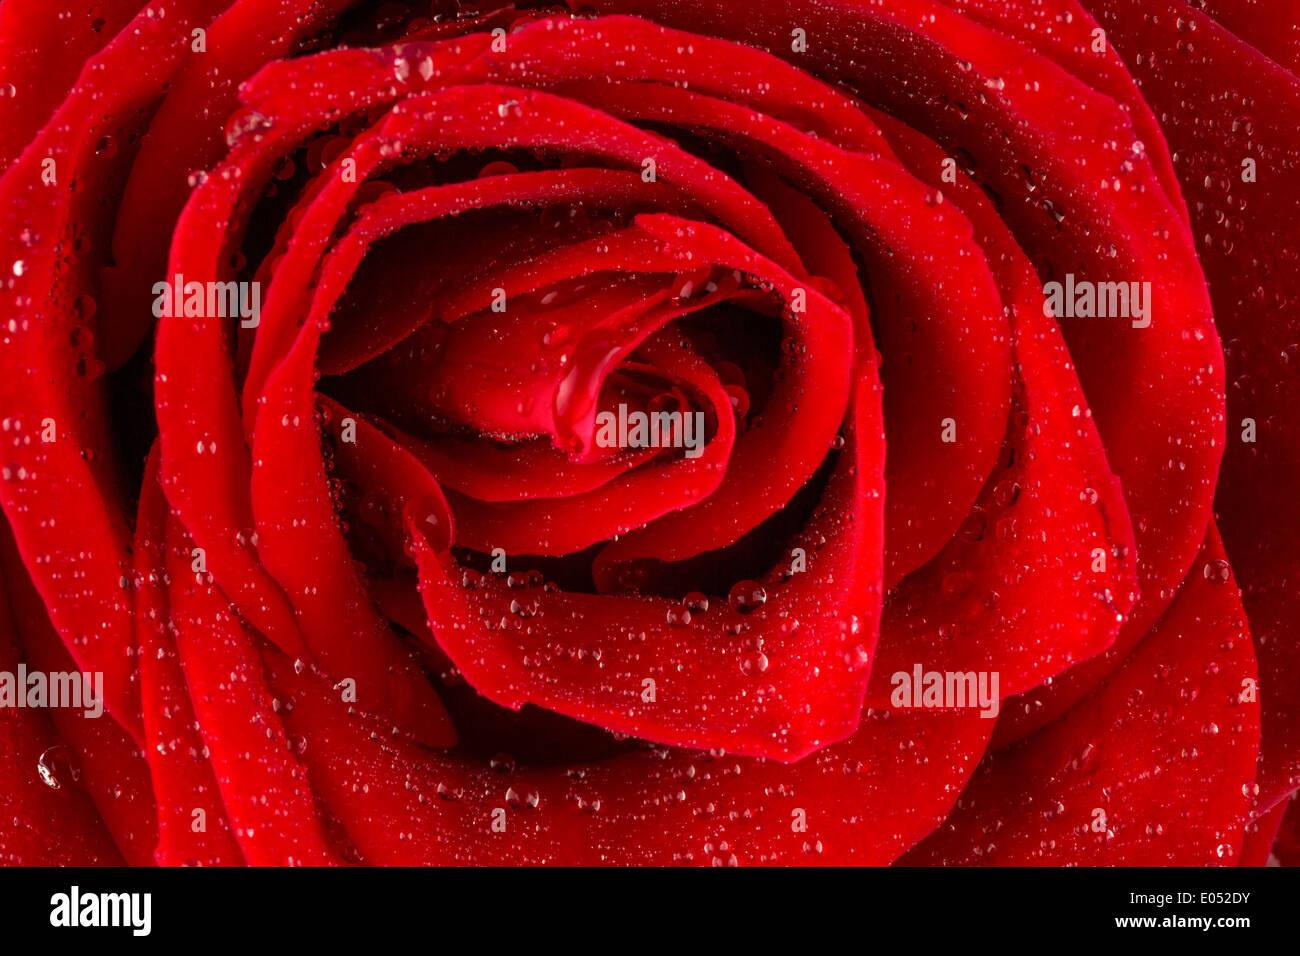 A red rose with drop of water on the blossom., Eine rote Rose mit Tropfen aus Wasser auf der Bluete. Stock Photo